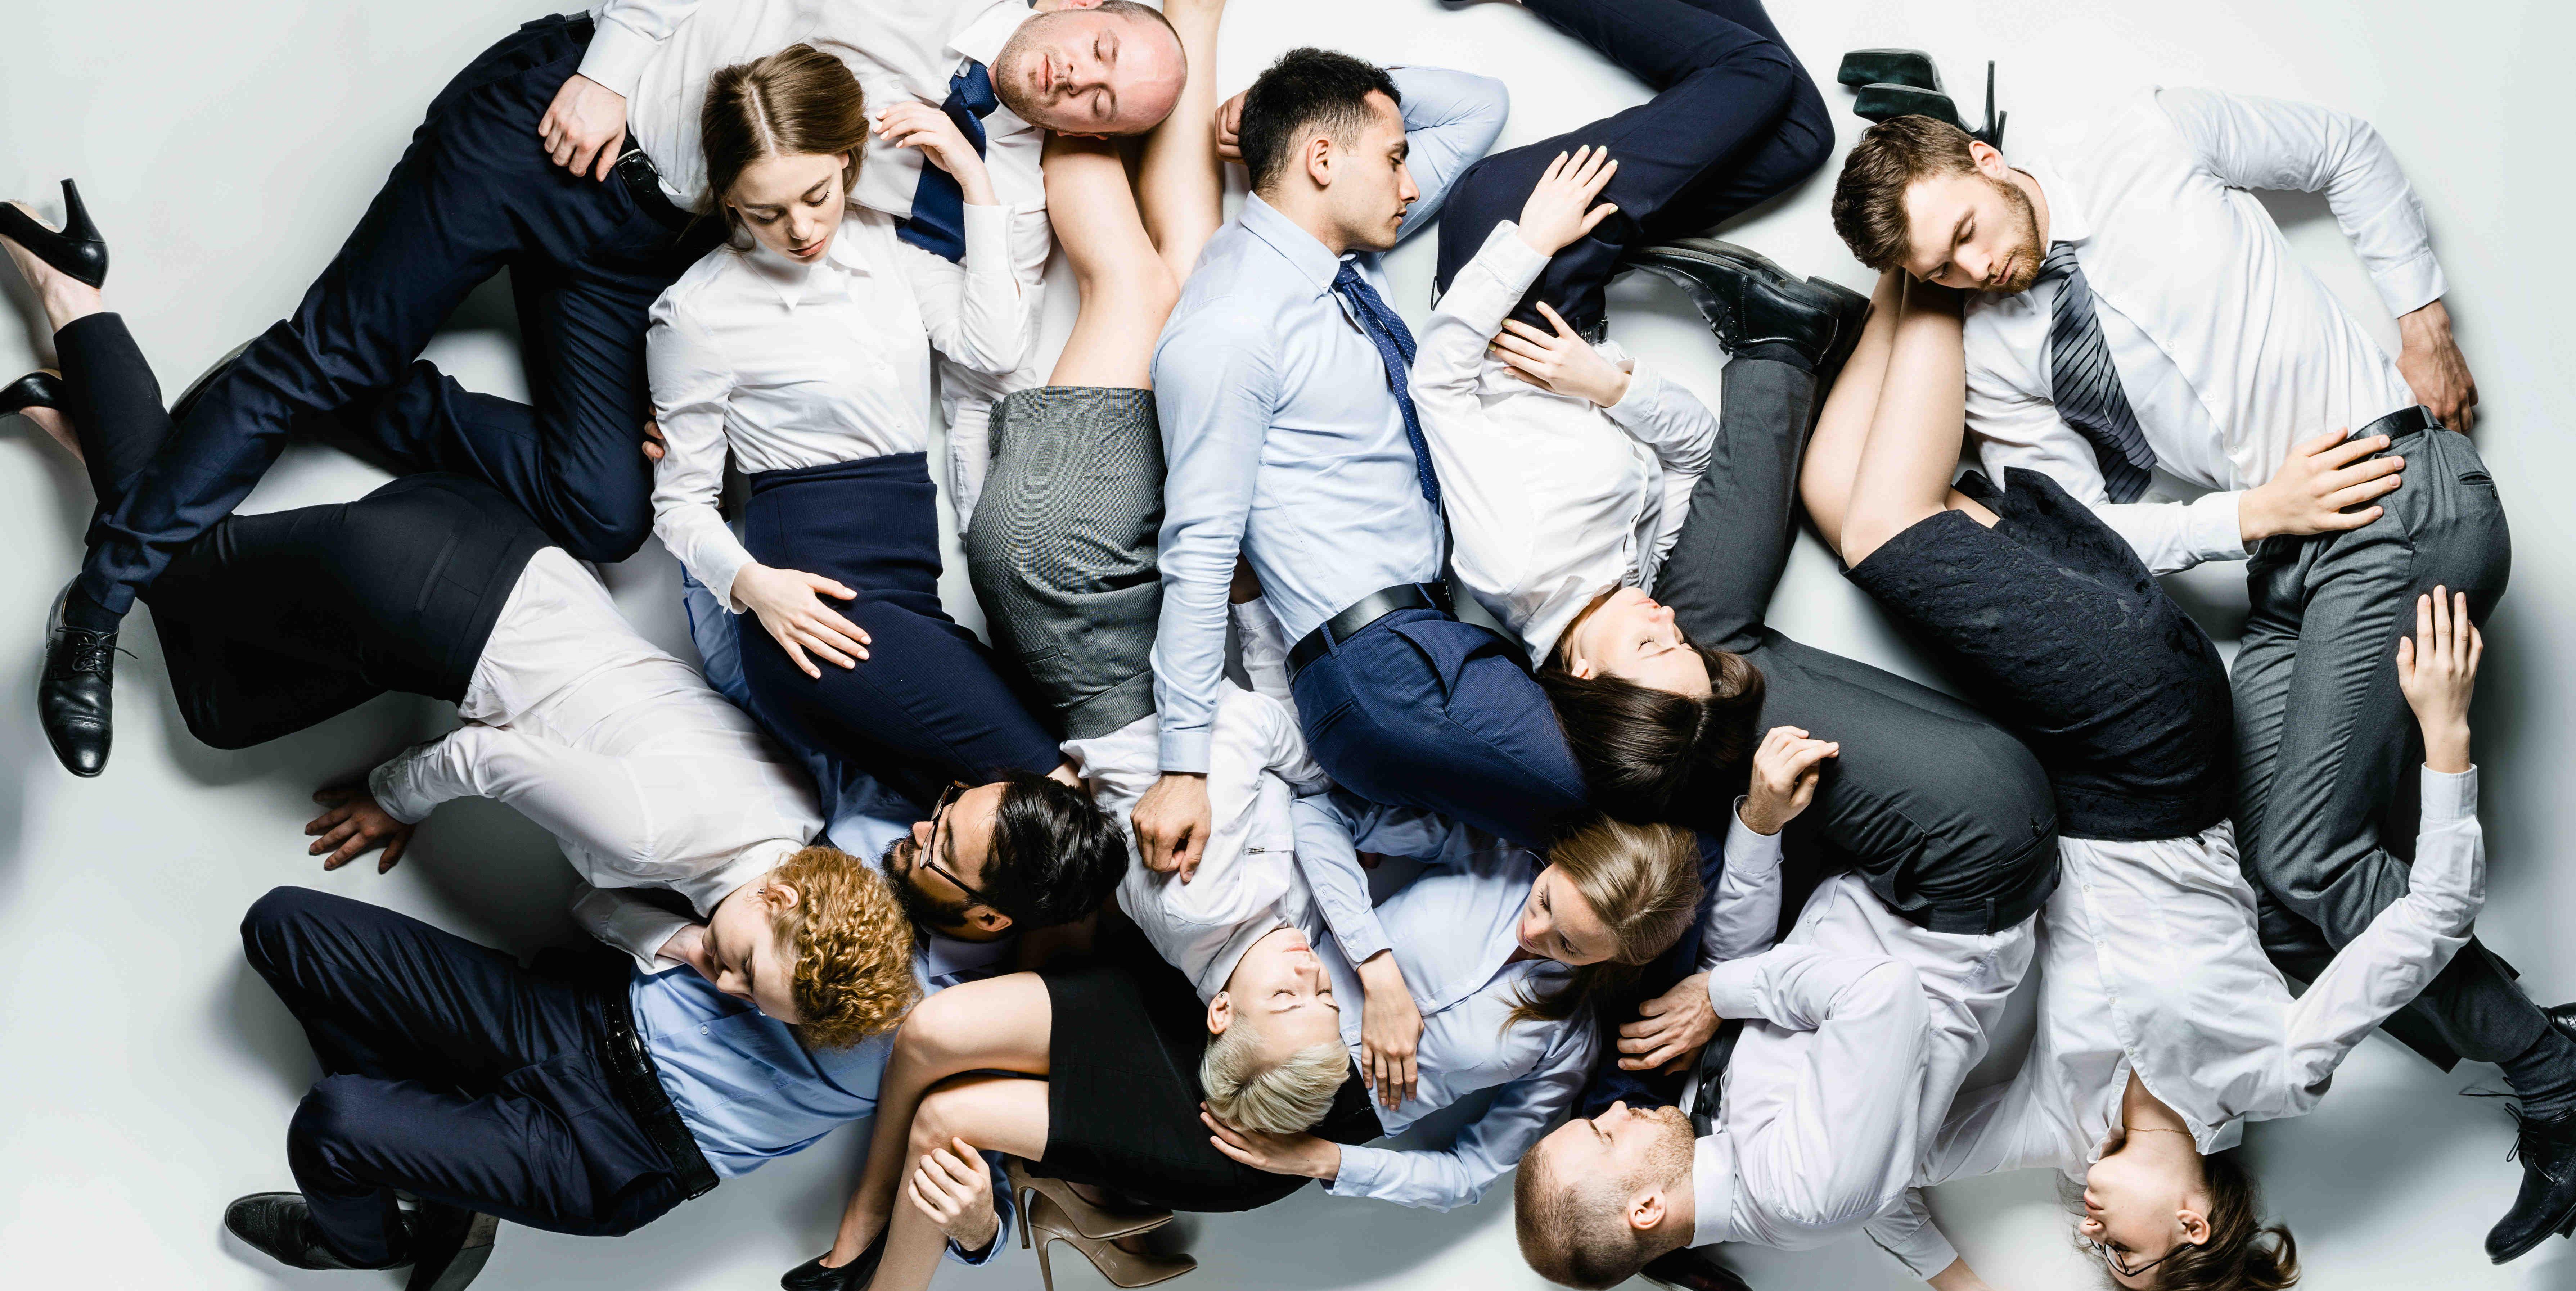 Trabajadores durmiendo